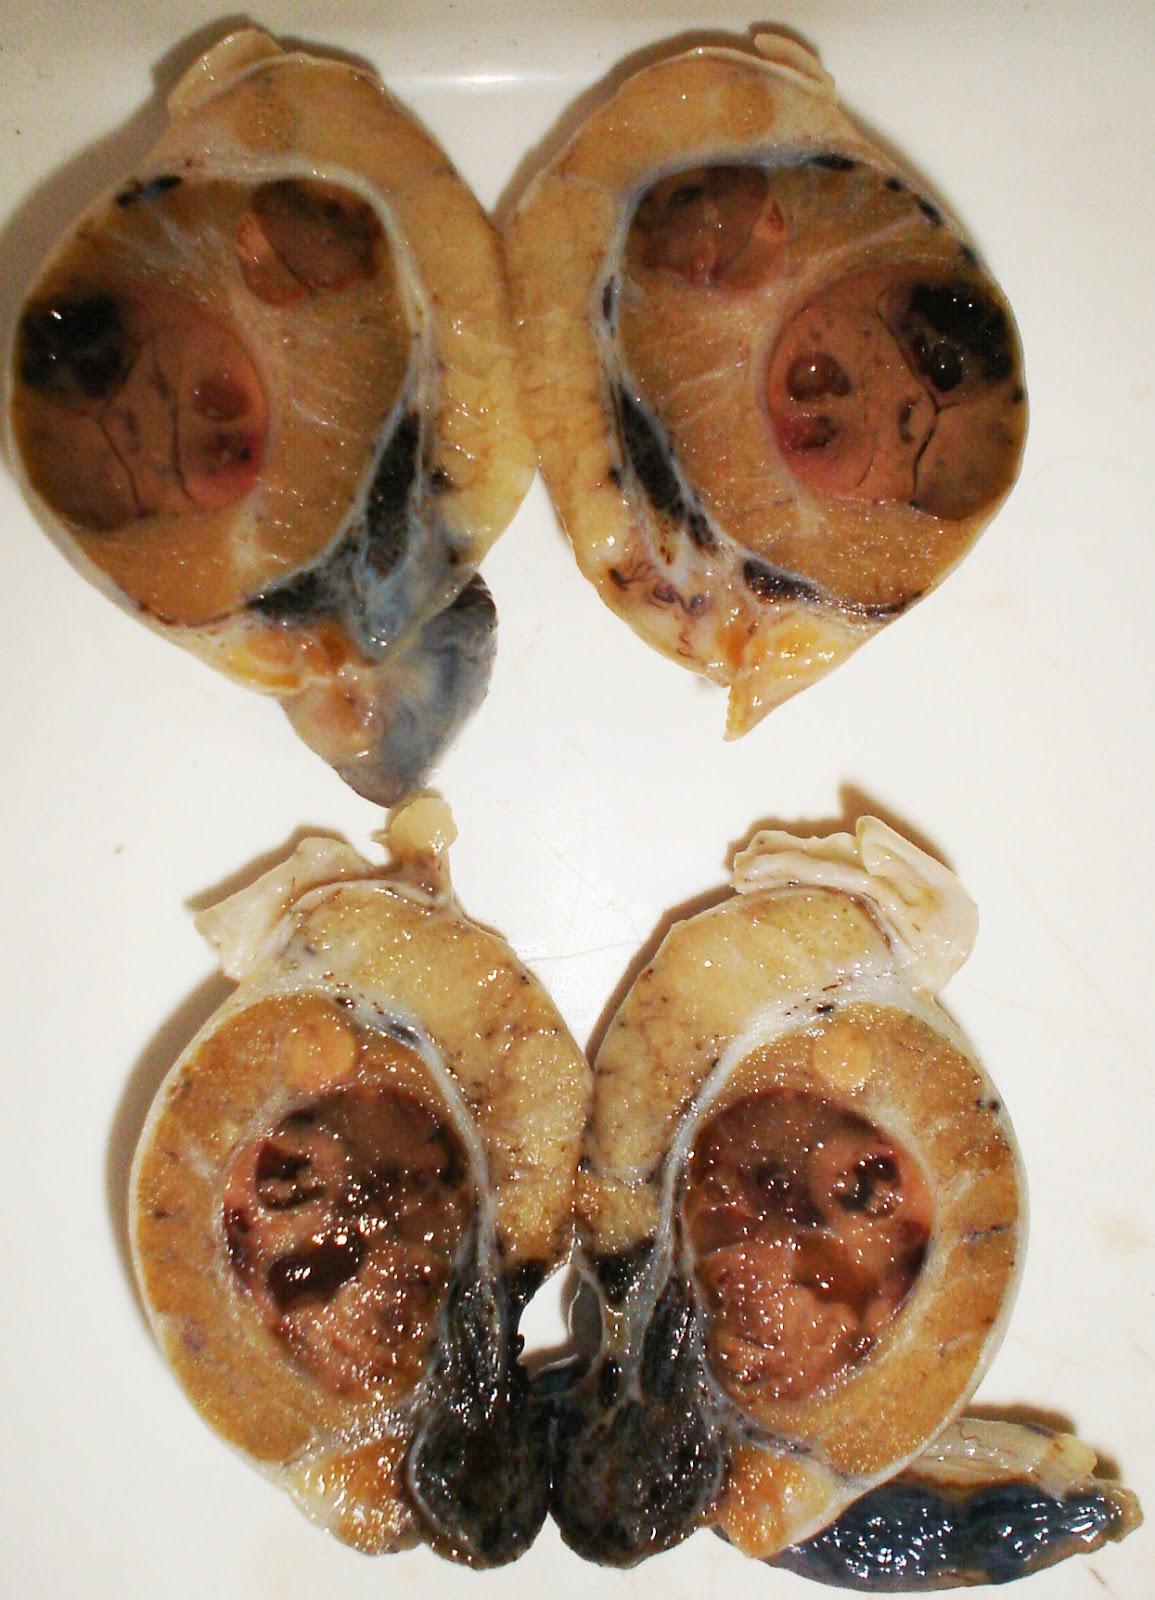 Tumores testiculares | Servicio de Anatomía Patológica Veterinaria